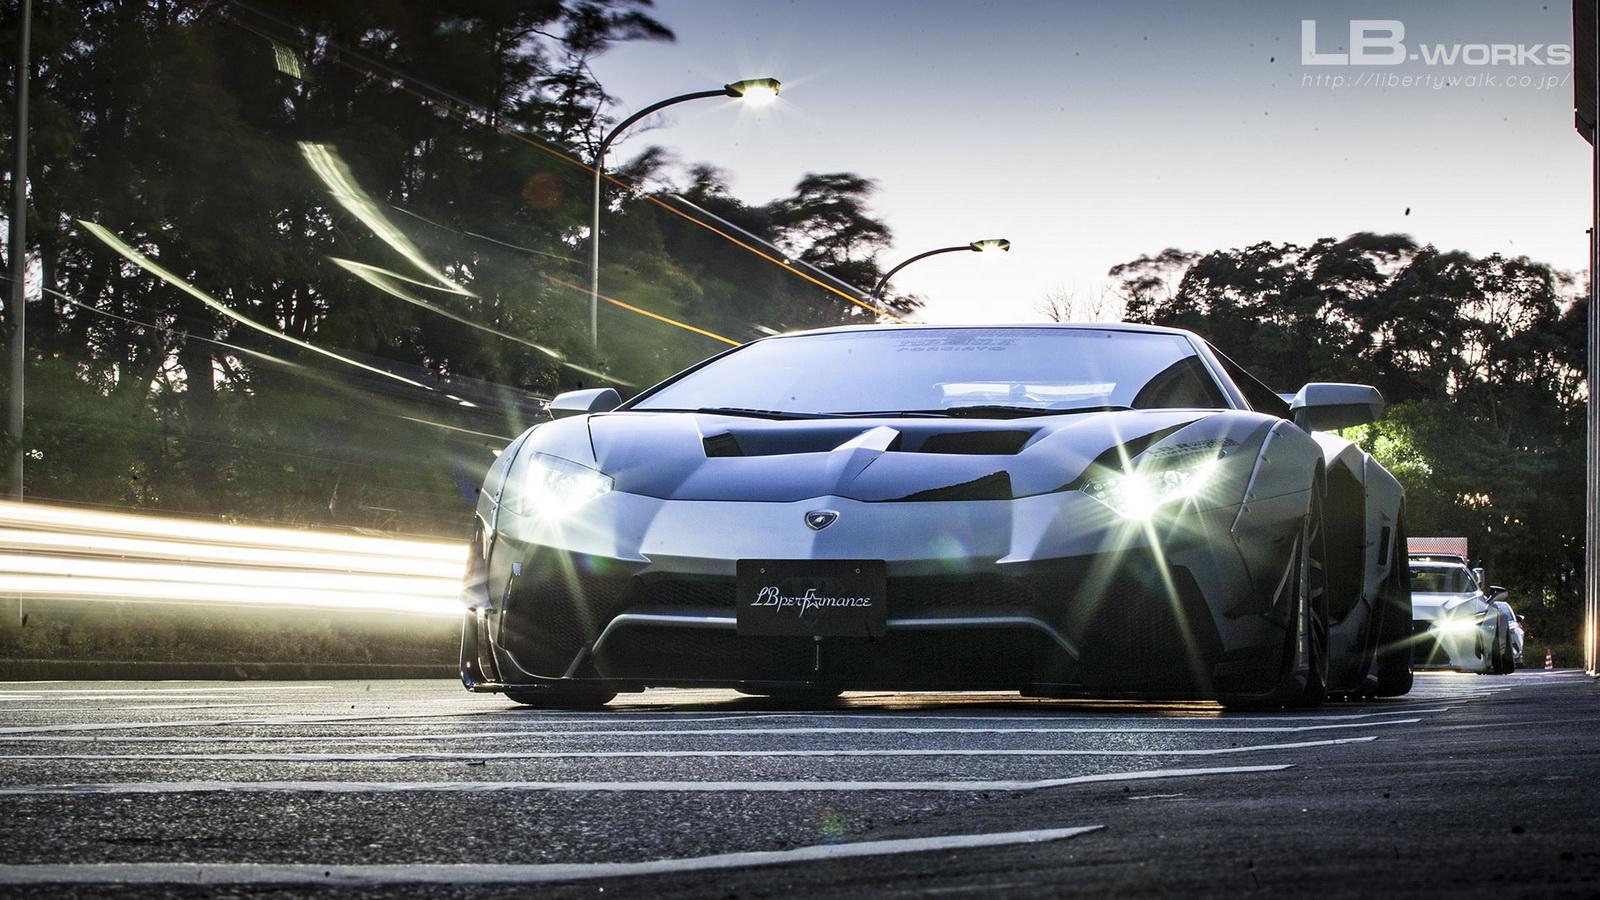 Lamborghini Aventador Liberty Walk